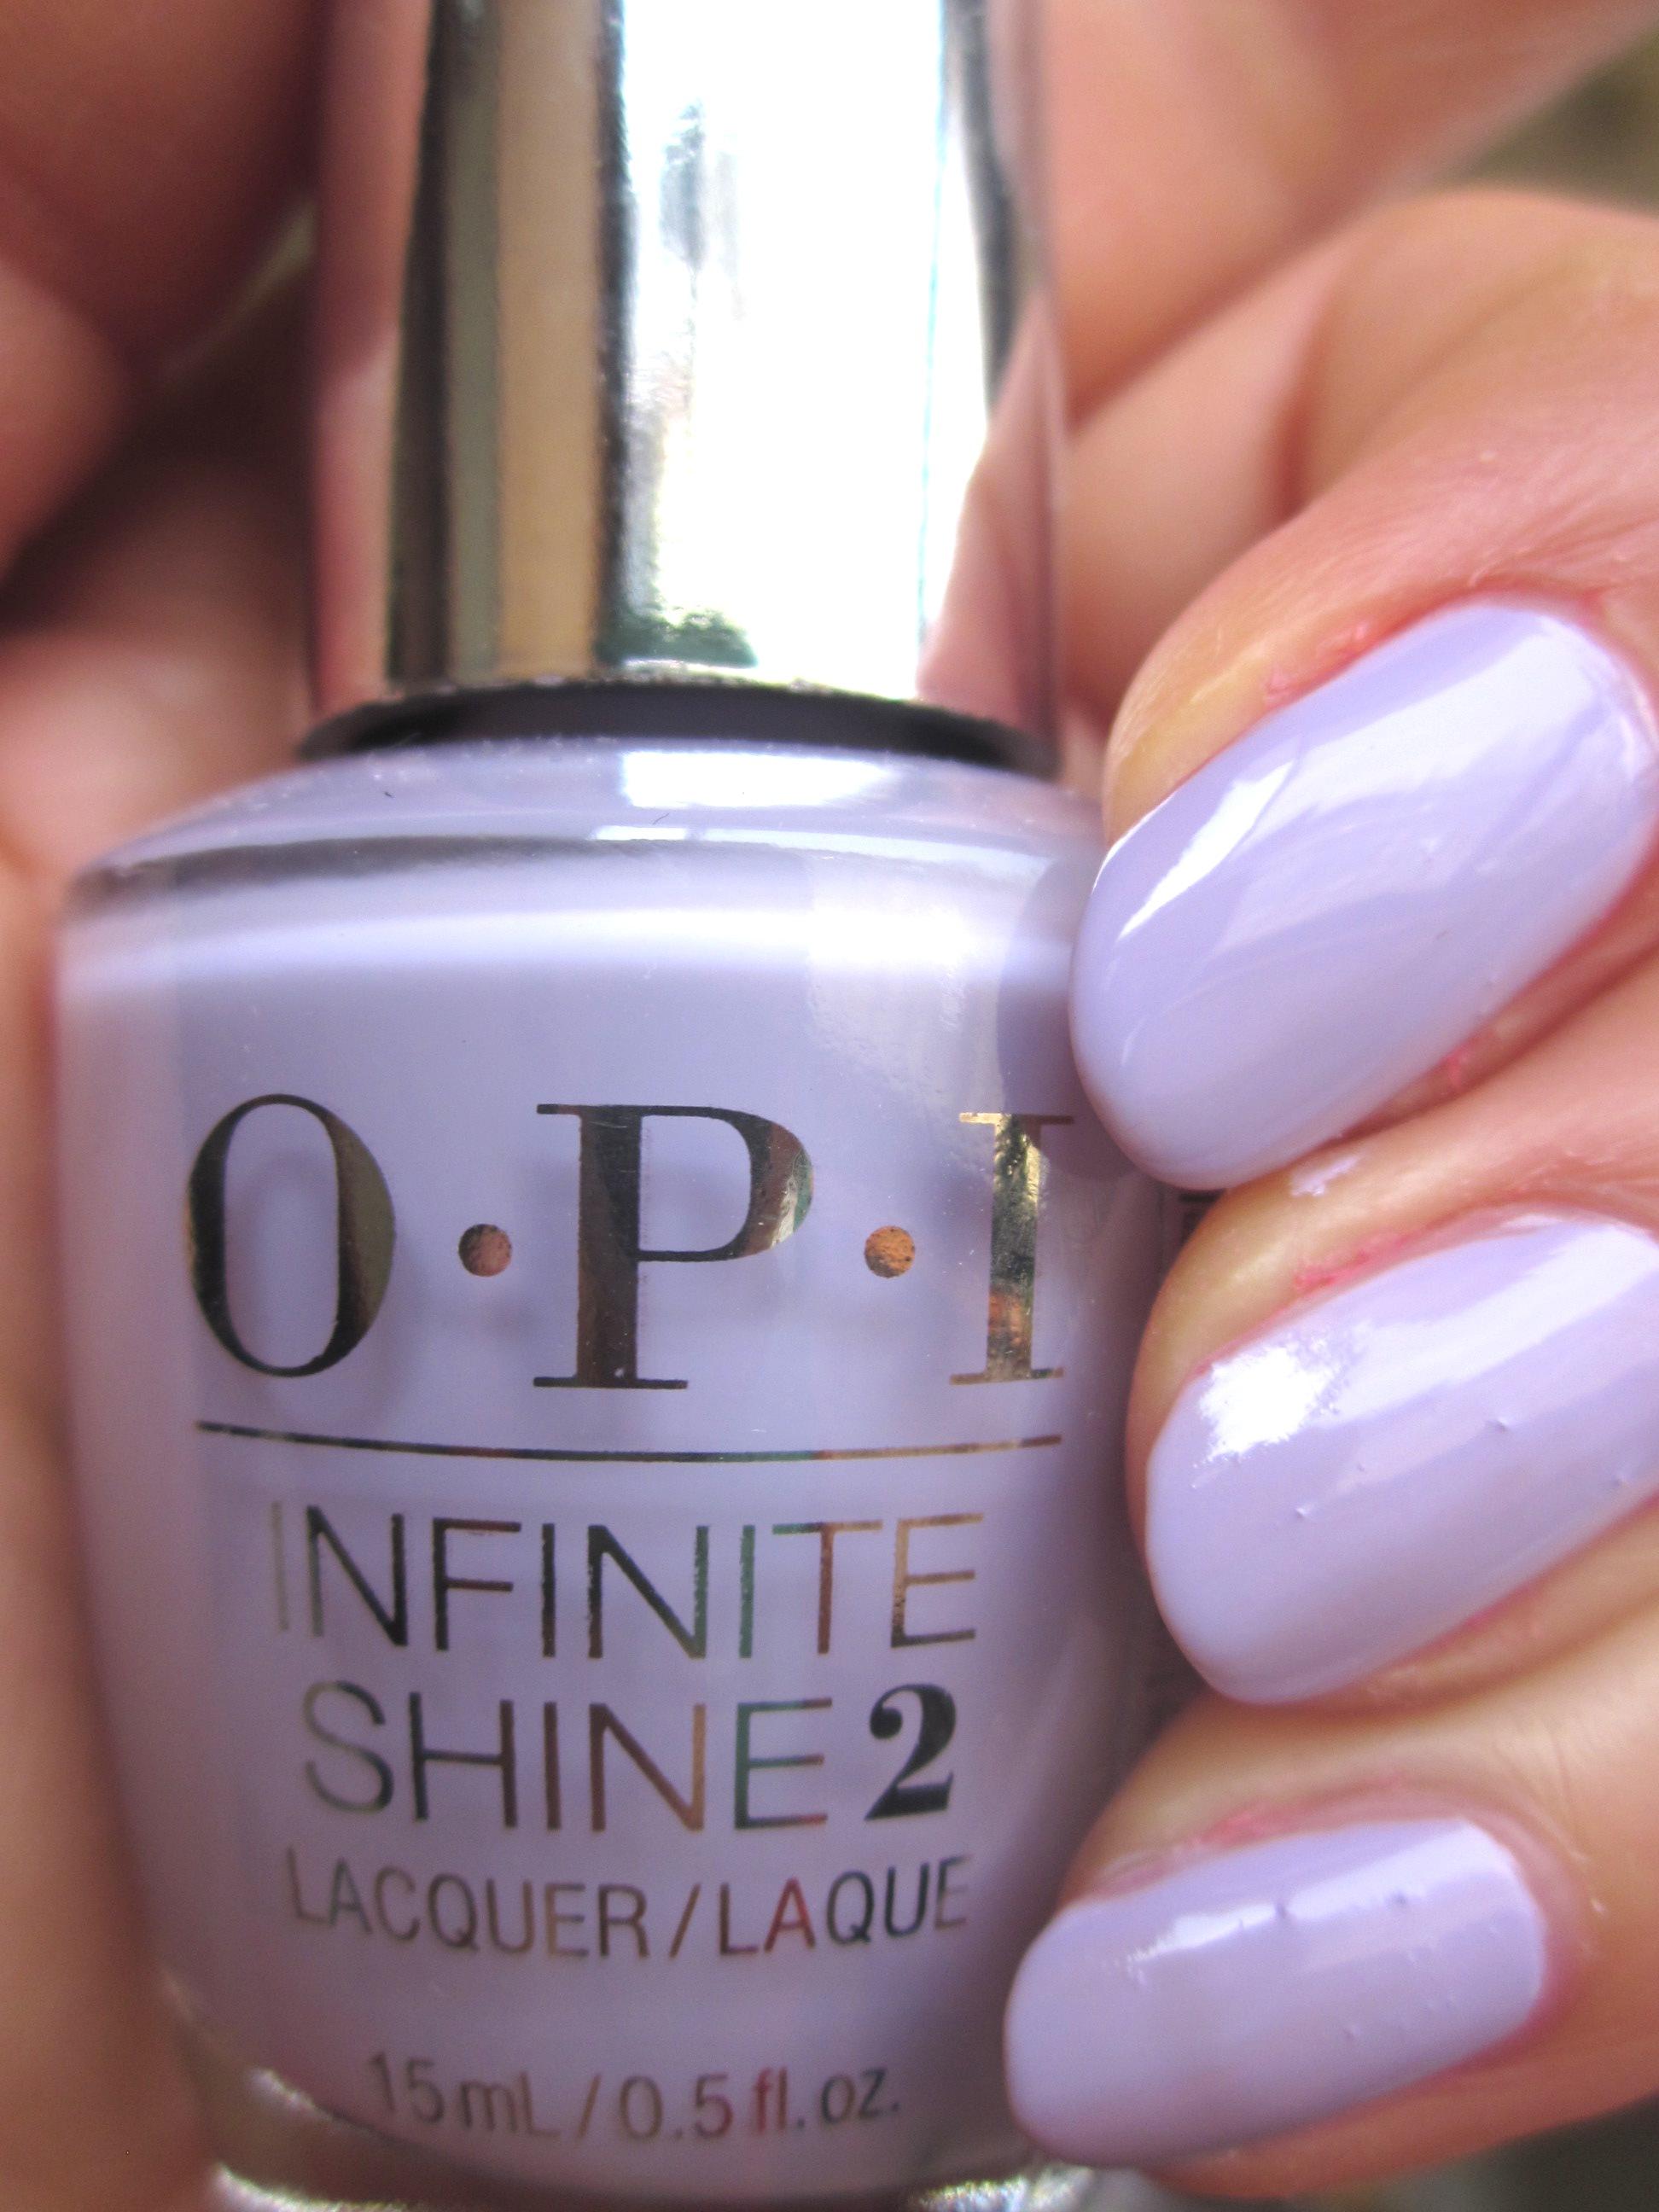 OPI INFINITE SHINE(インフィニット シャイン) IS L11 In Pursuit of Purple(イン パースート オブ パープル)